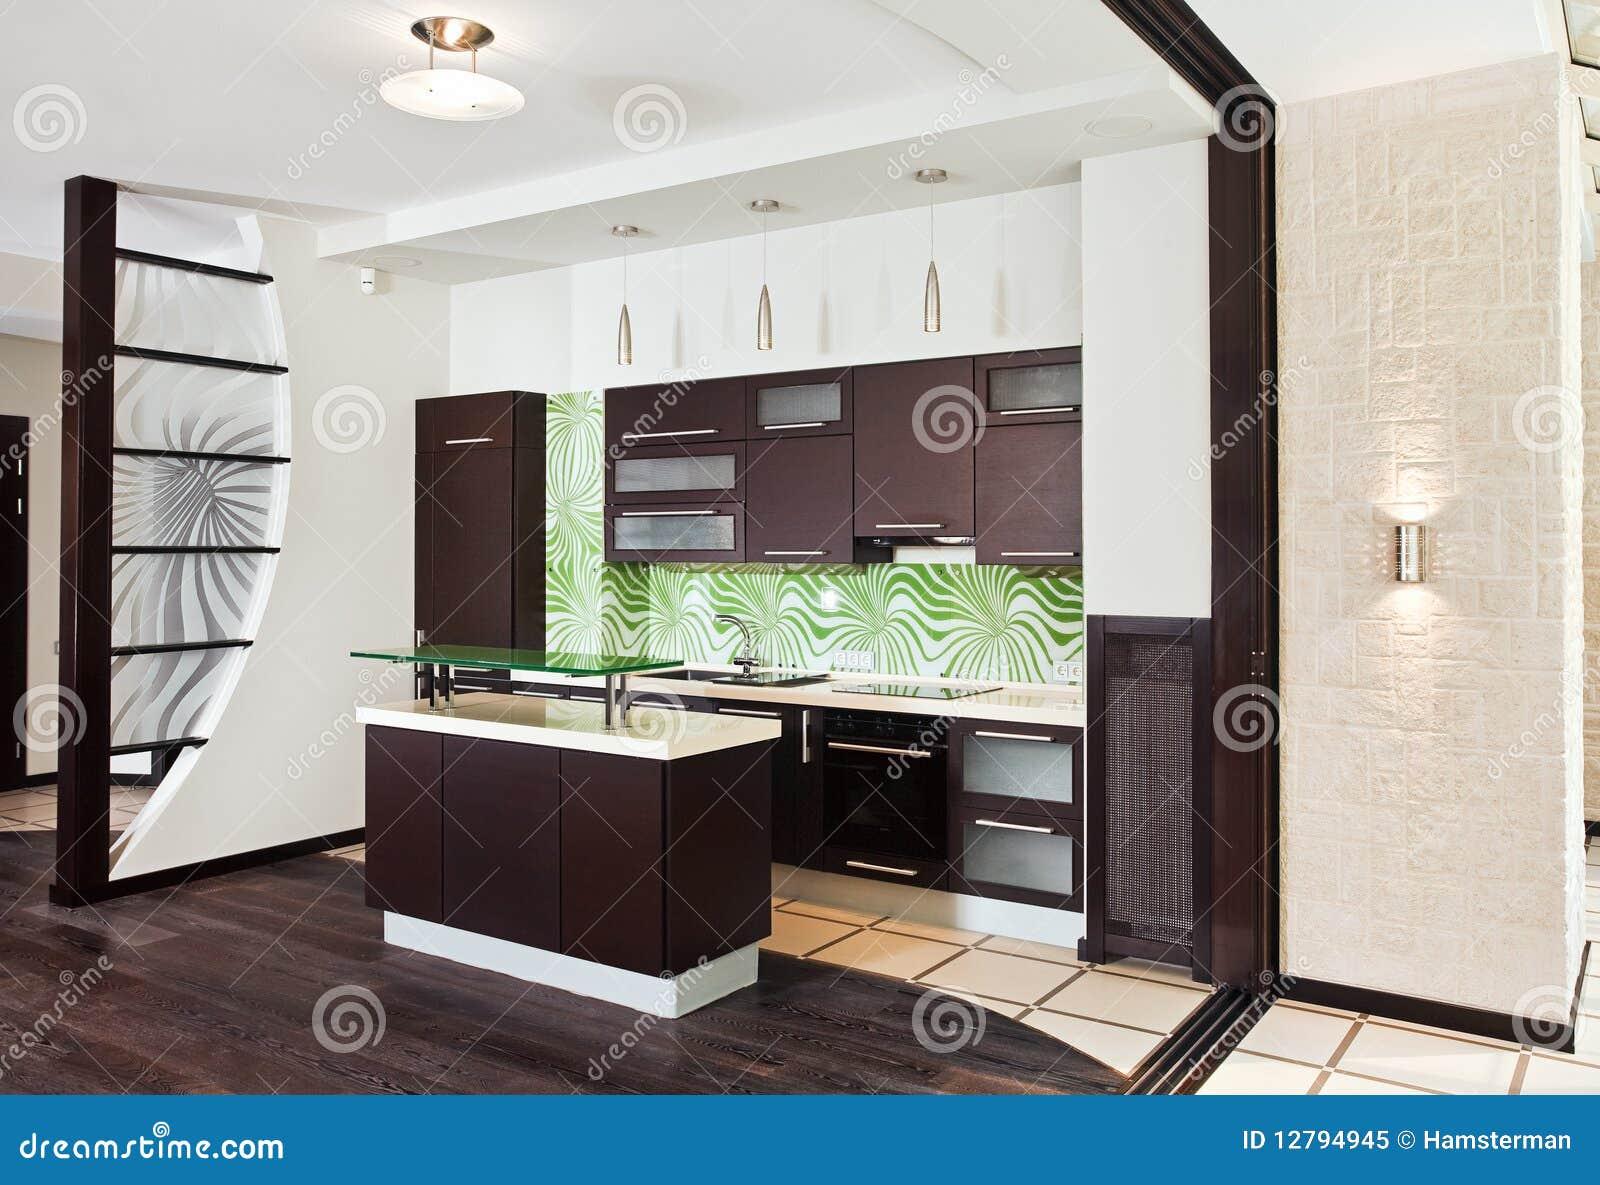 Keuken Donkere Vloer : Witte keuken en donkere vloer zwarte houten